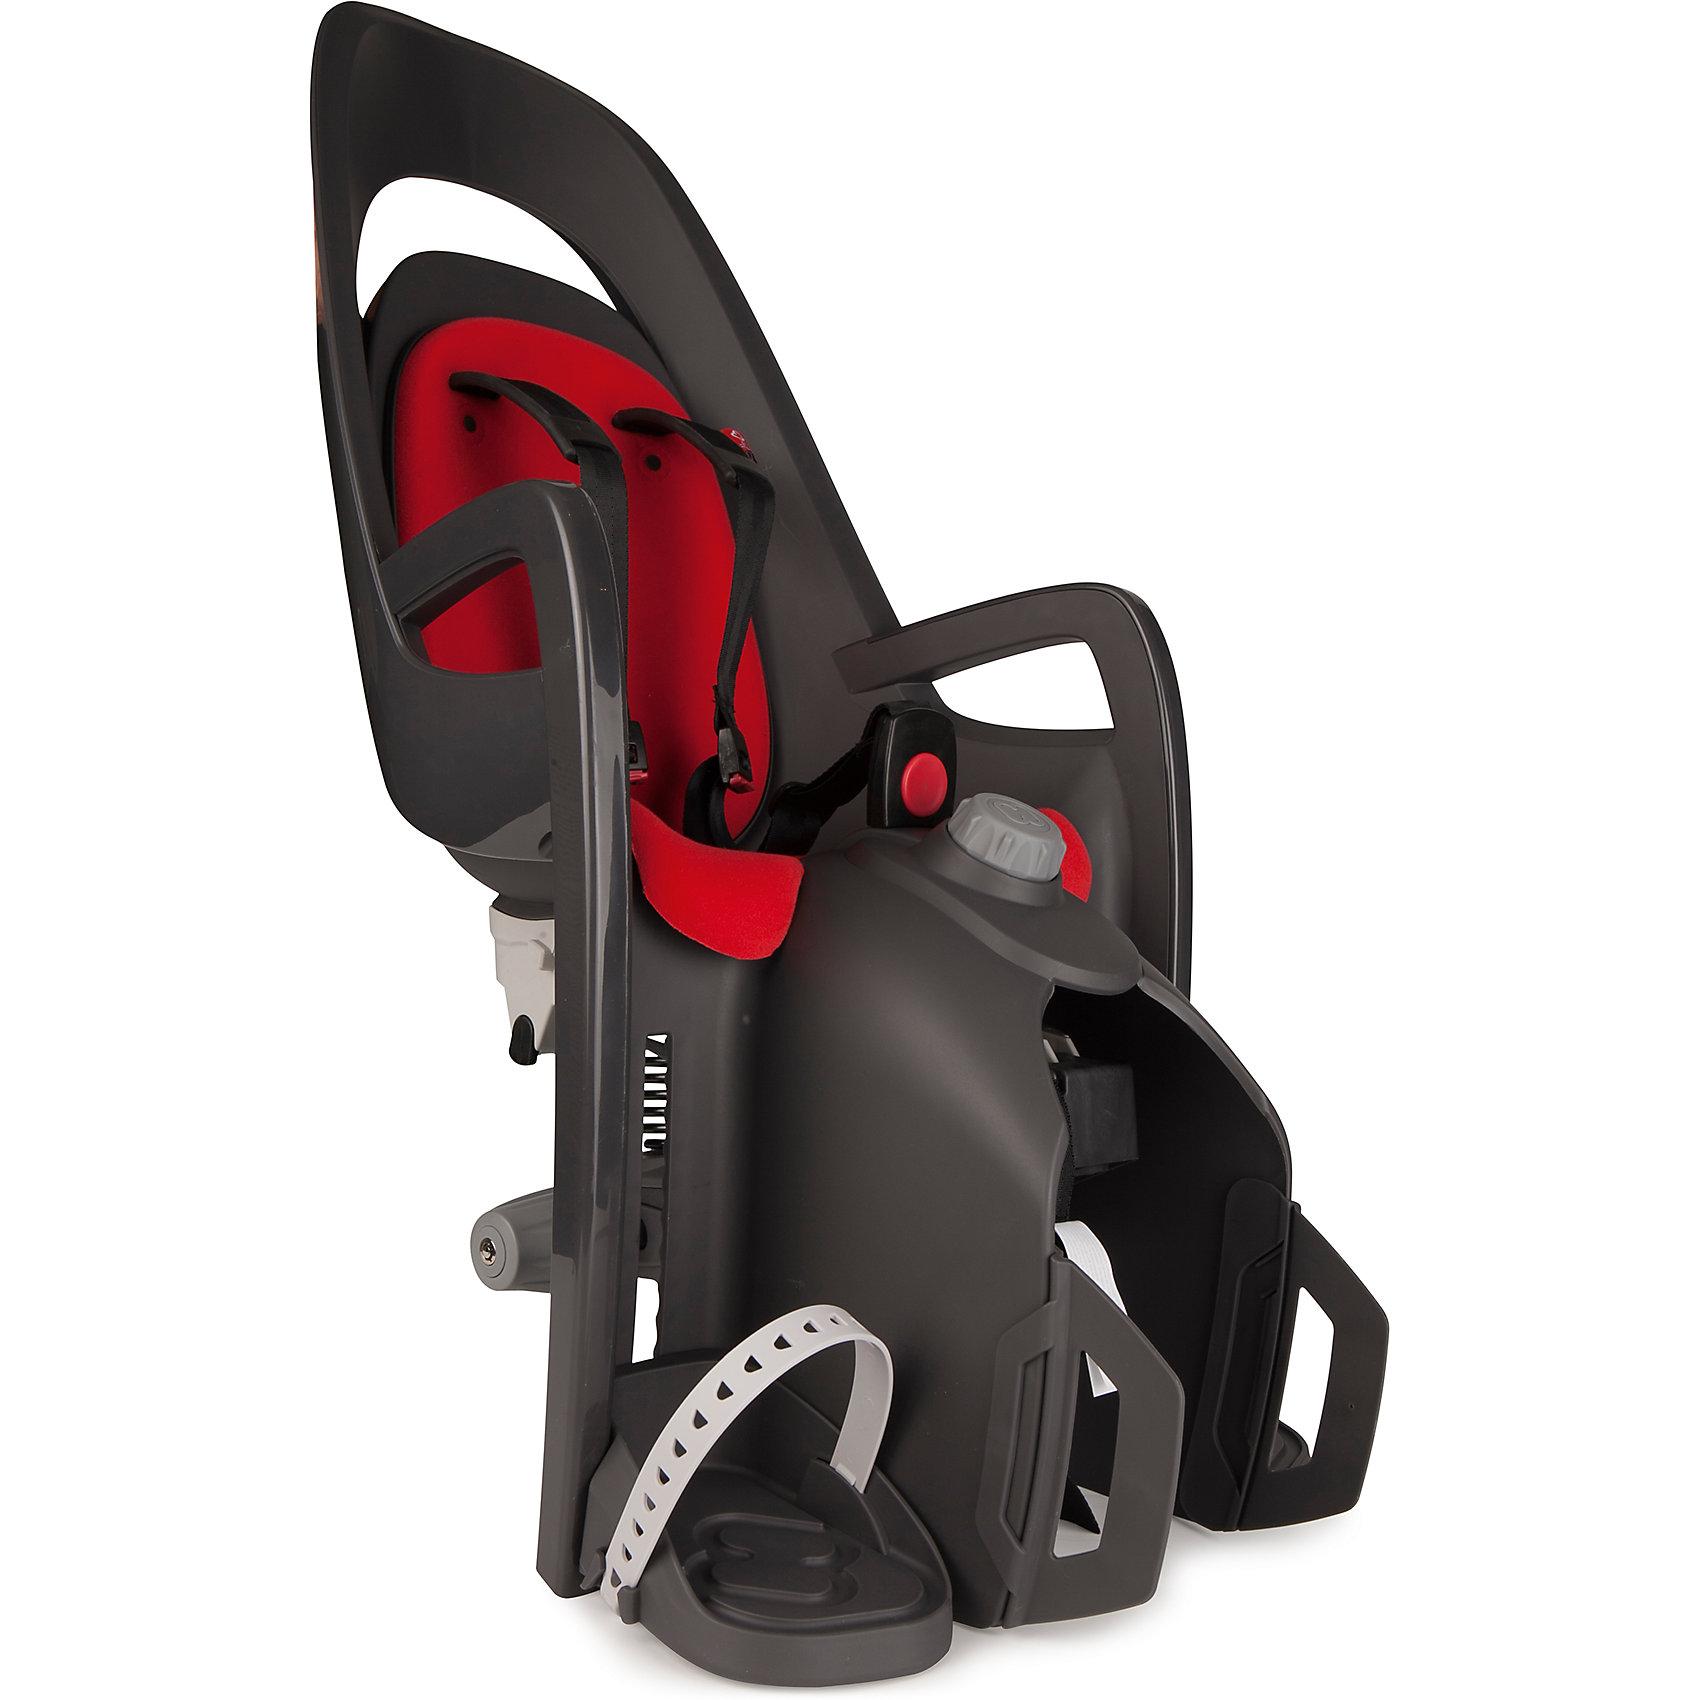 Детское велокресло Caress W/Carrier Adapter, Hamax, серый/красныйАксеcсуары для велосипедов<br>Детское кресло, которое можно установить на велосипед с рамой 28-40мм<br>Адаптер для установки в комплекте<br>Может быть установлен на электровелосипед<br>Вес ребенка: не более 25-30 кг. Рост ребенка: 120-180см<br>Есть положение сон<br>Диаметр труб: 10-20 мм<br>Простой монтаж.<br><br>Ширина мм: 365<br>Глубина мм: 940<br>Высота мм: 280<br>Вес г: 5150<br>Возраст от месяцев: 9<br>Возраст до месяцев: 48<br>Пол: Унисекс<br>Возраст: Детский<br>SKU: 5582618